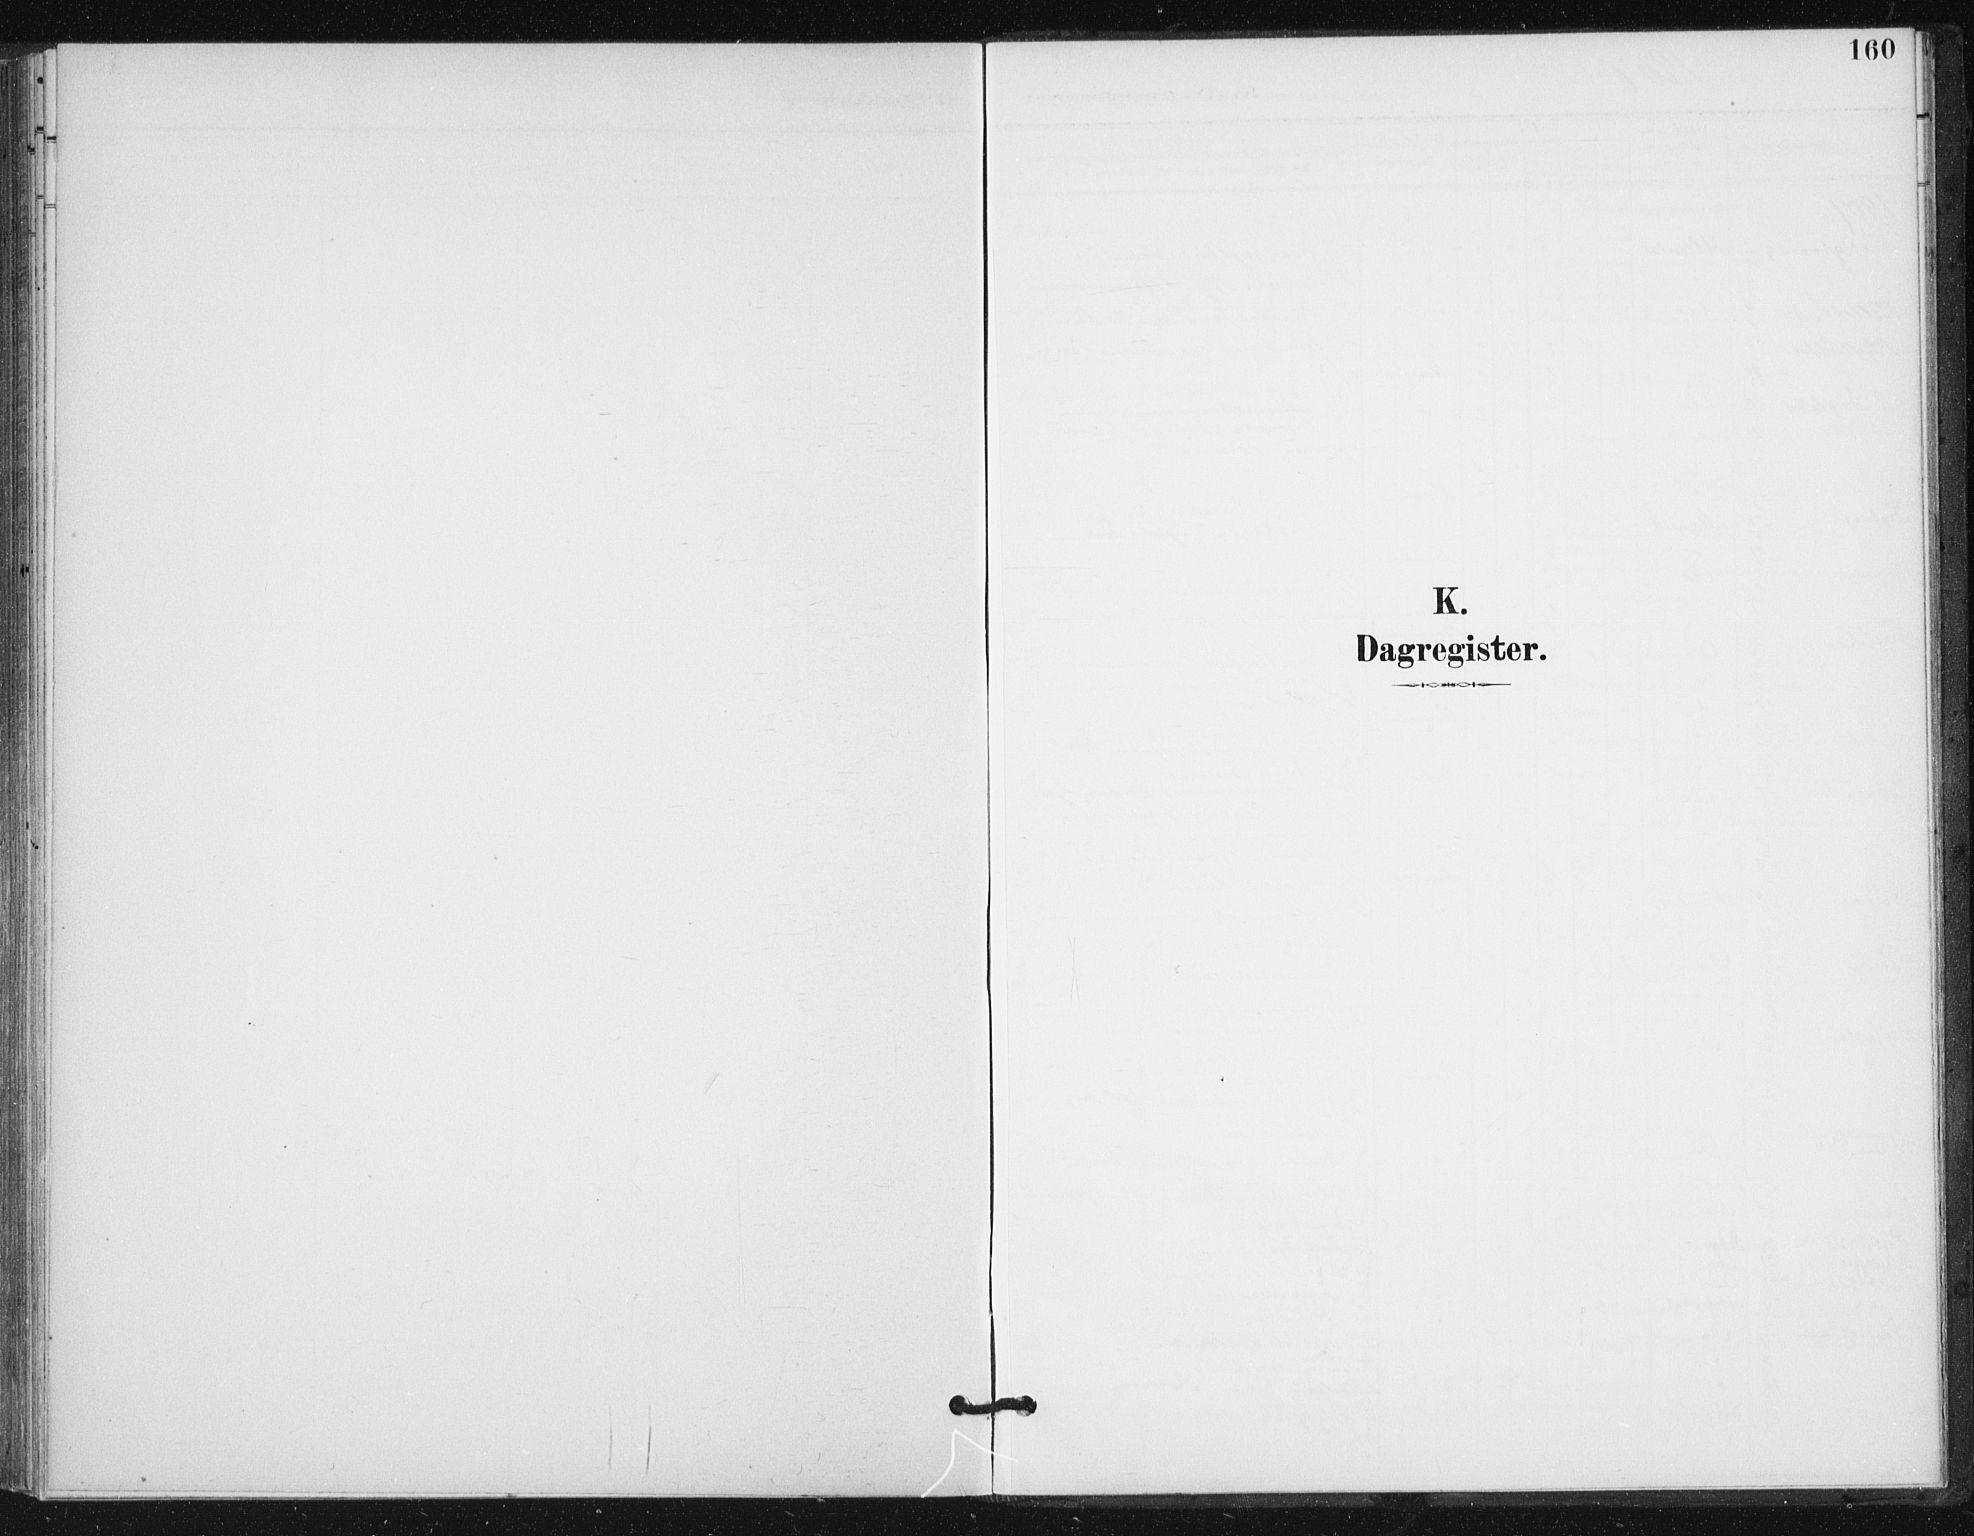 SAT, Ministerialprotokoller, klokkerbøker og fødselsregistre - Sør-Trøndelag, 654/L0664: Ministerialbok nr. 654A02, 1895-1907, s. 160